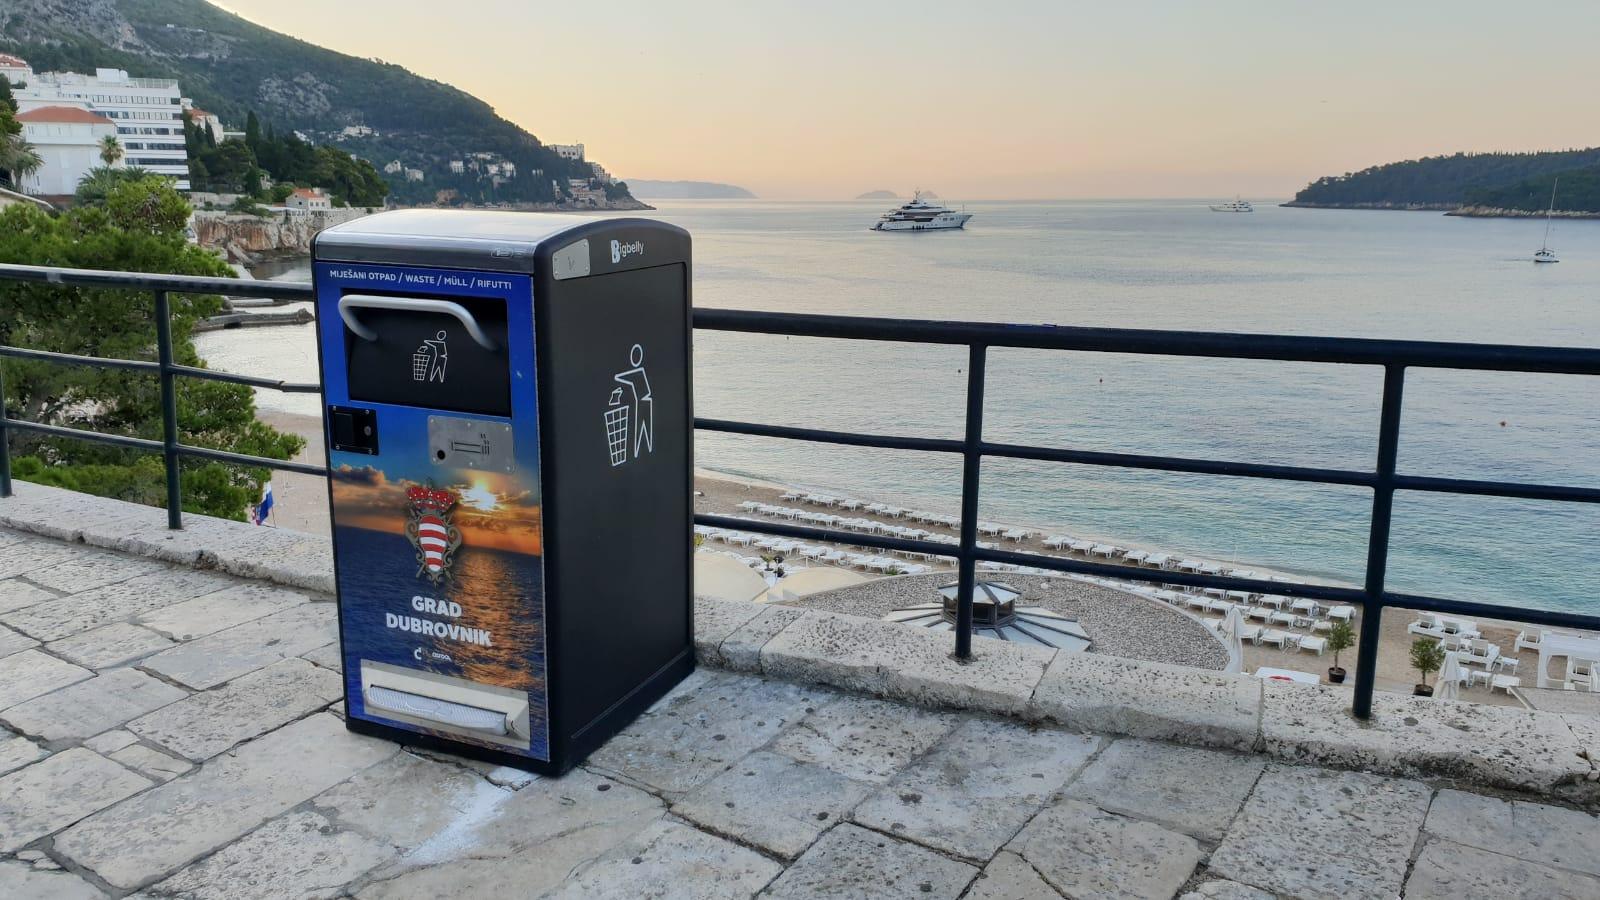 Čistoća_Dubrovnik-BigBelly_tehnologije-upravljanje_otpadom